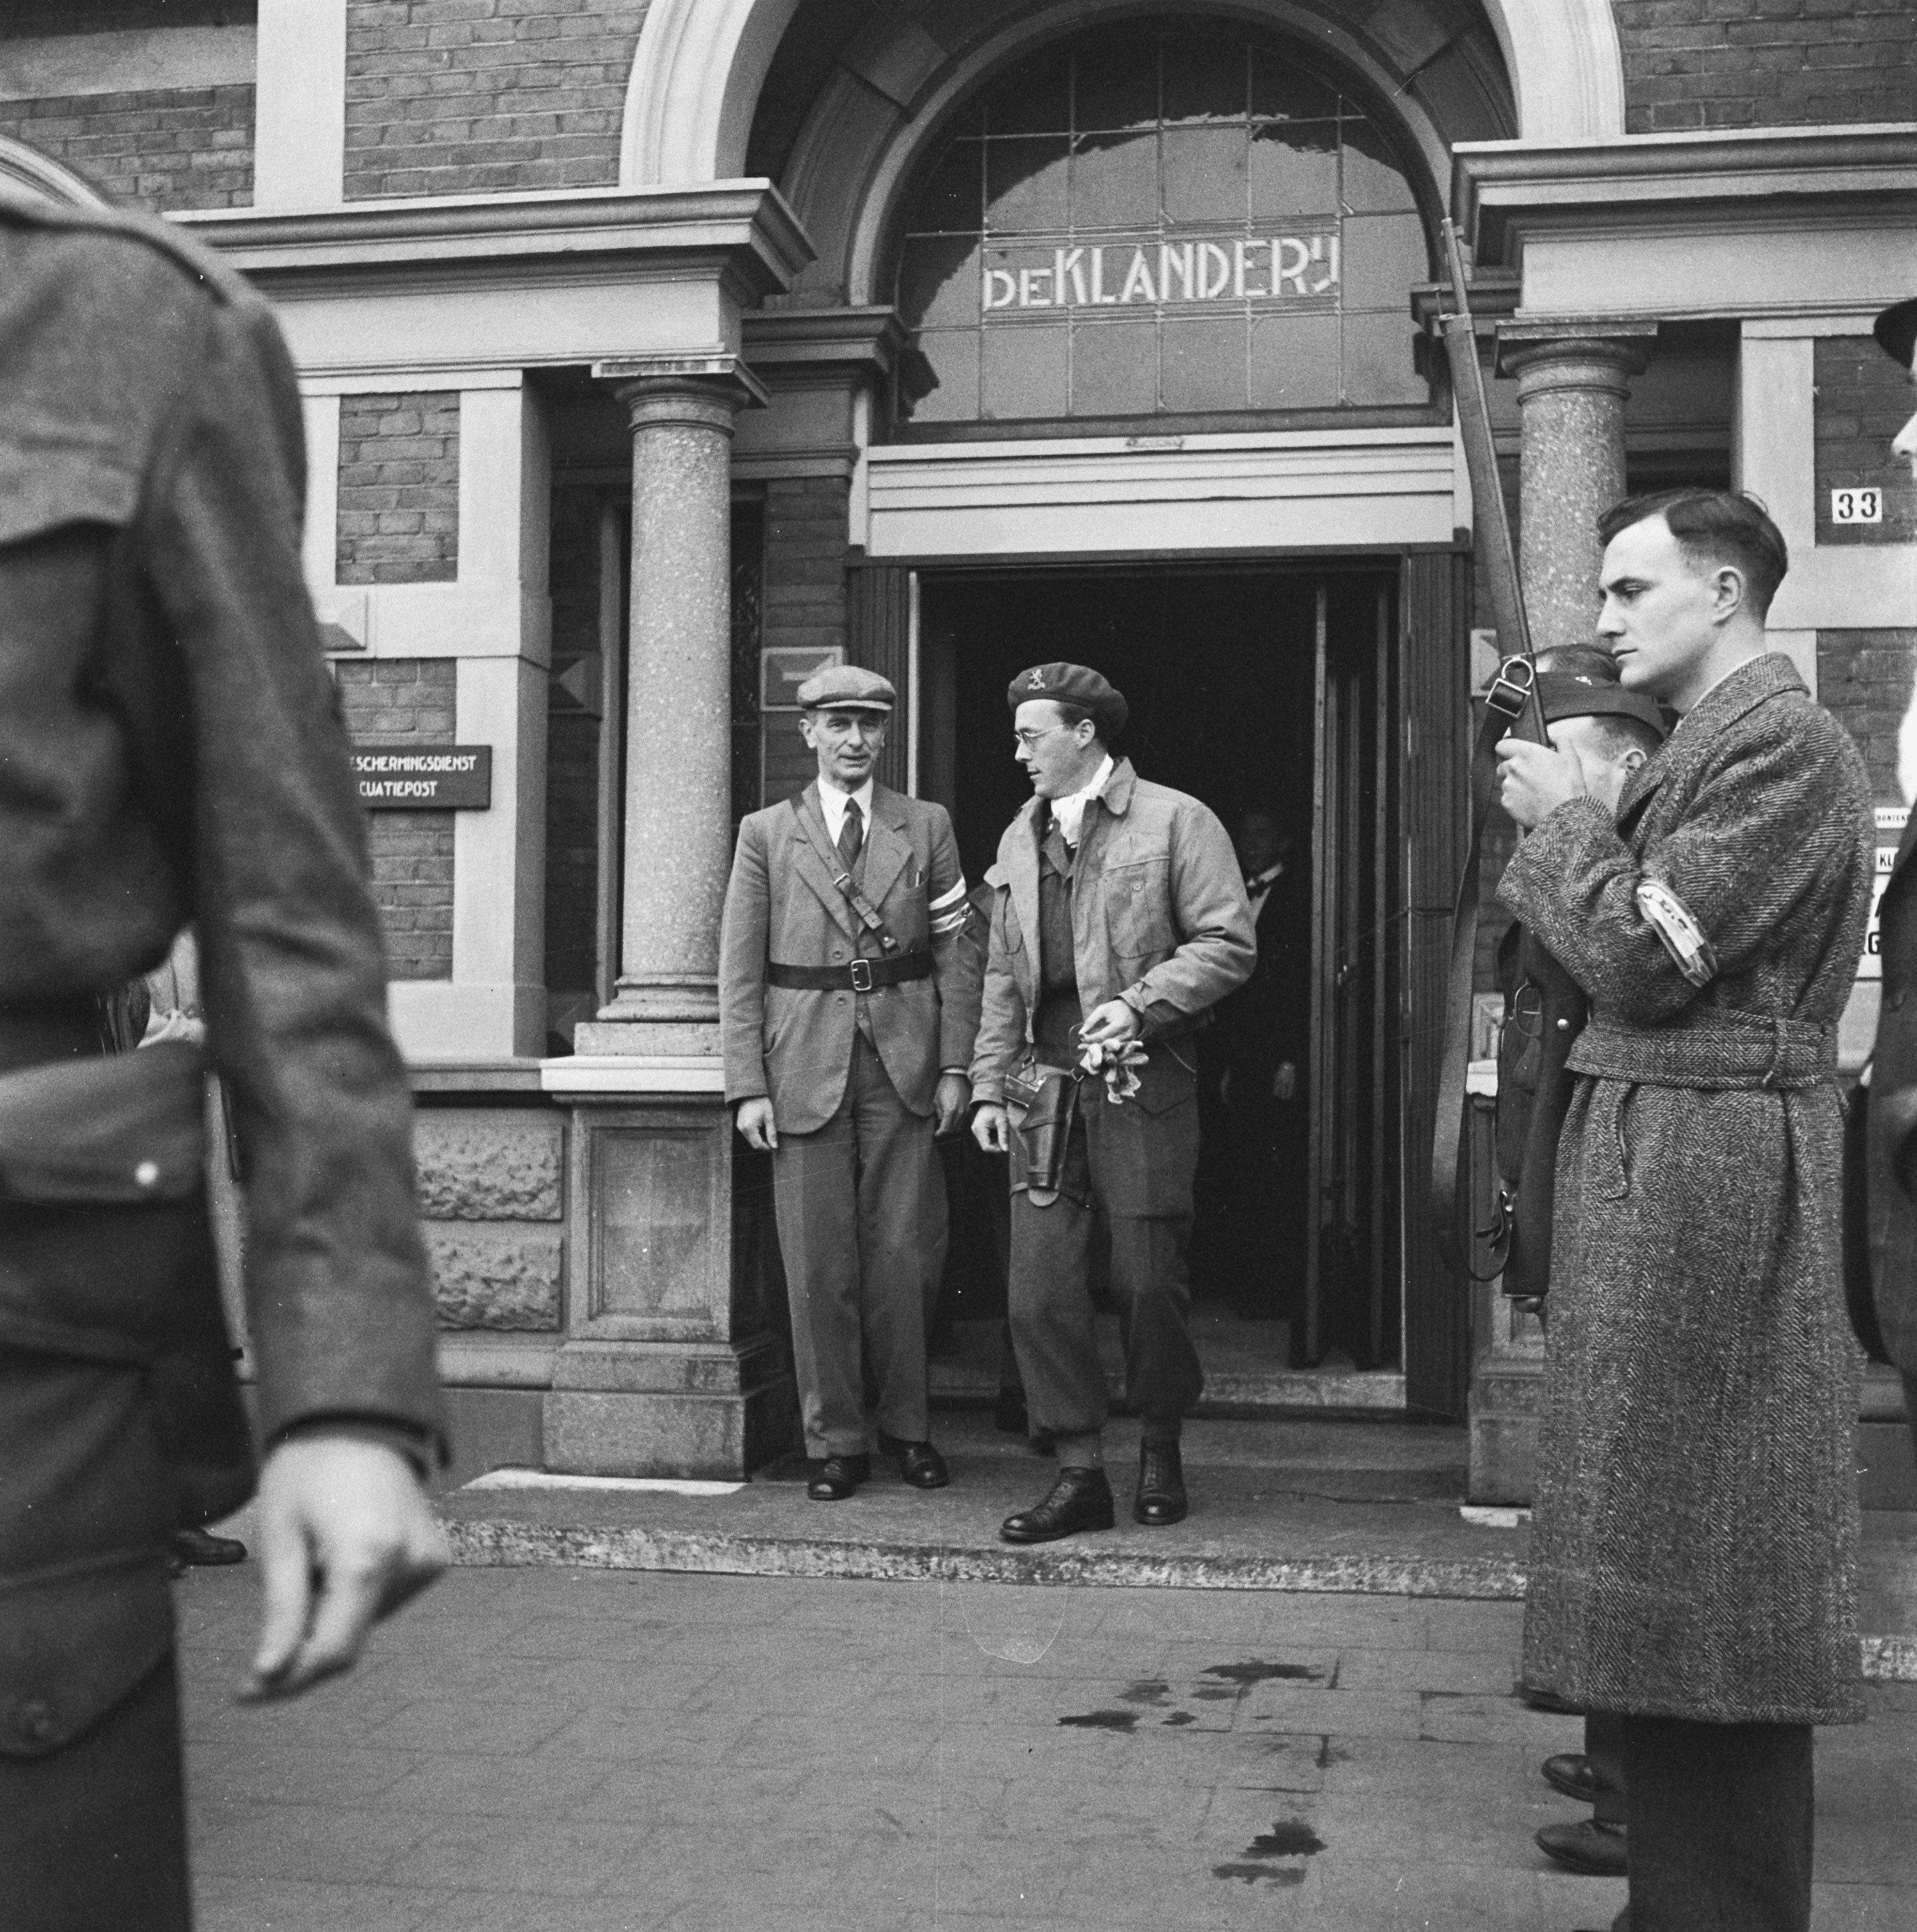 5e91703c8ef294 File:Prins Bernhard verlaat café-restaurant De Klanderij in Leeuwarden,  Bestanddeelnr 900-